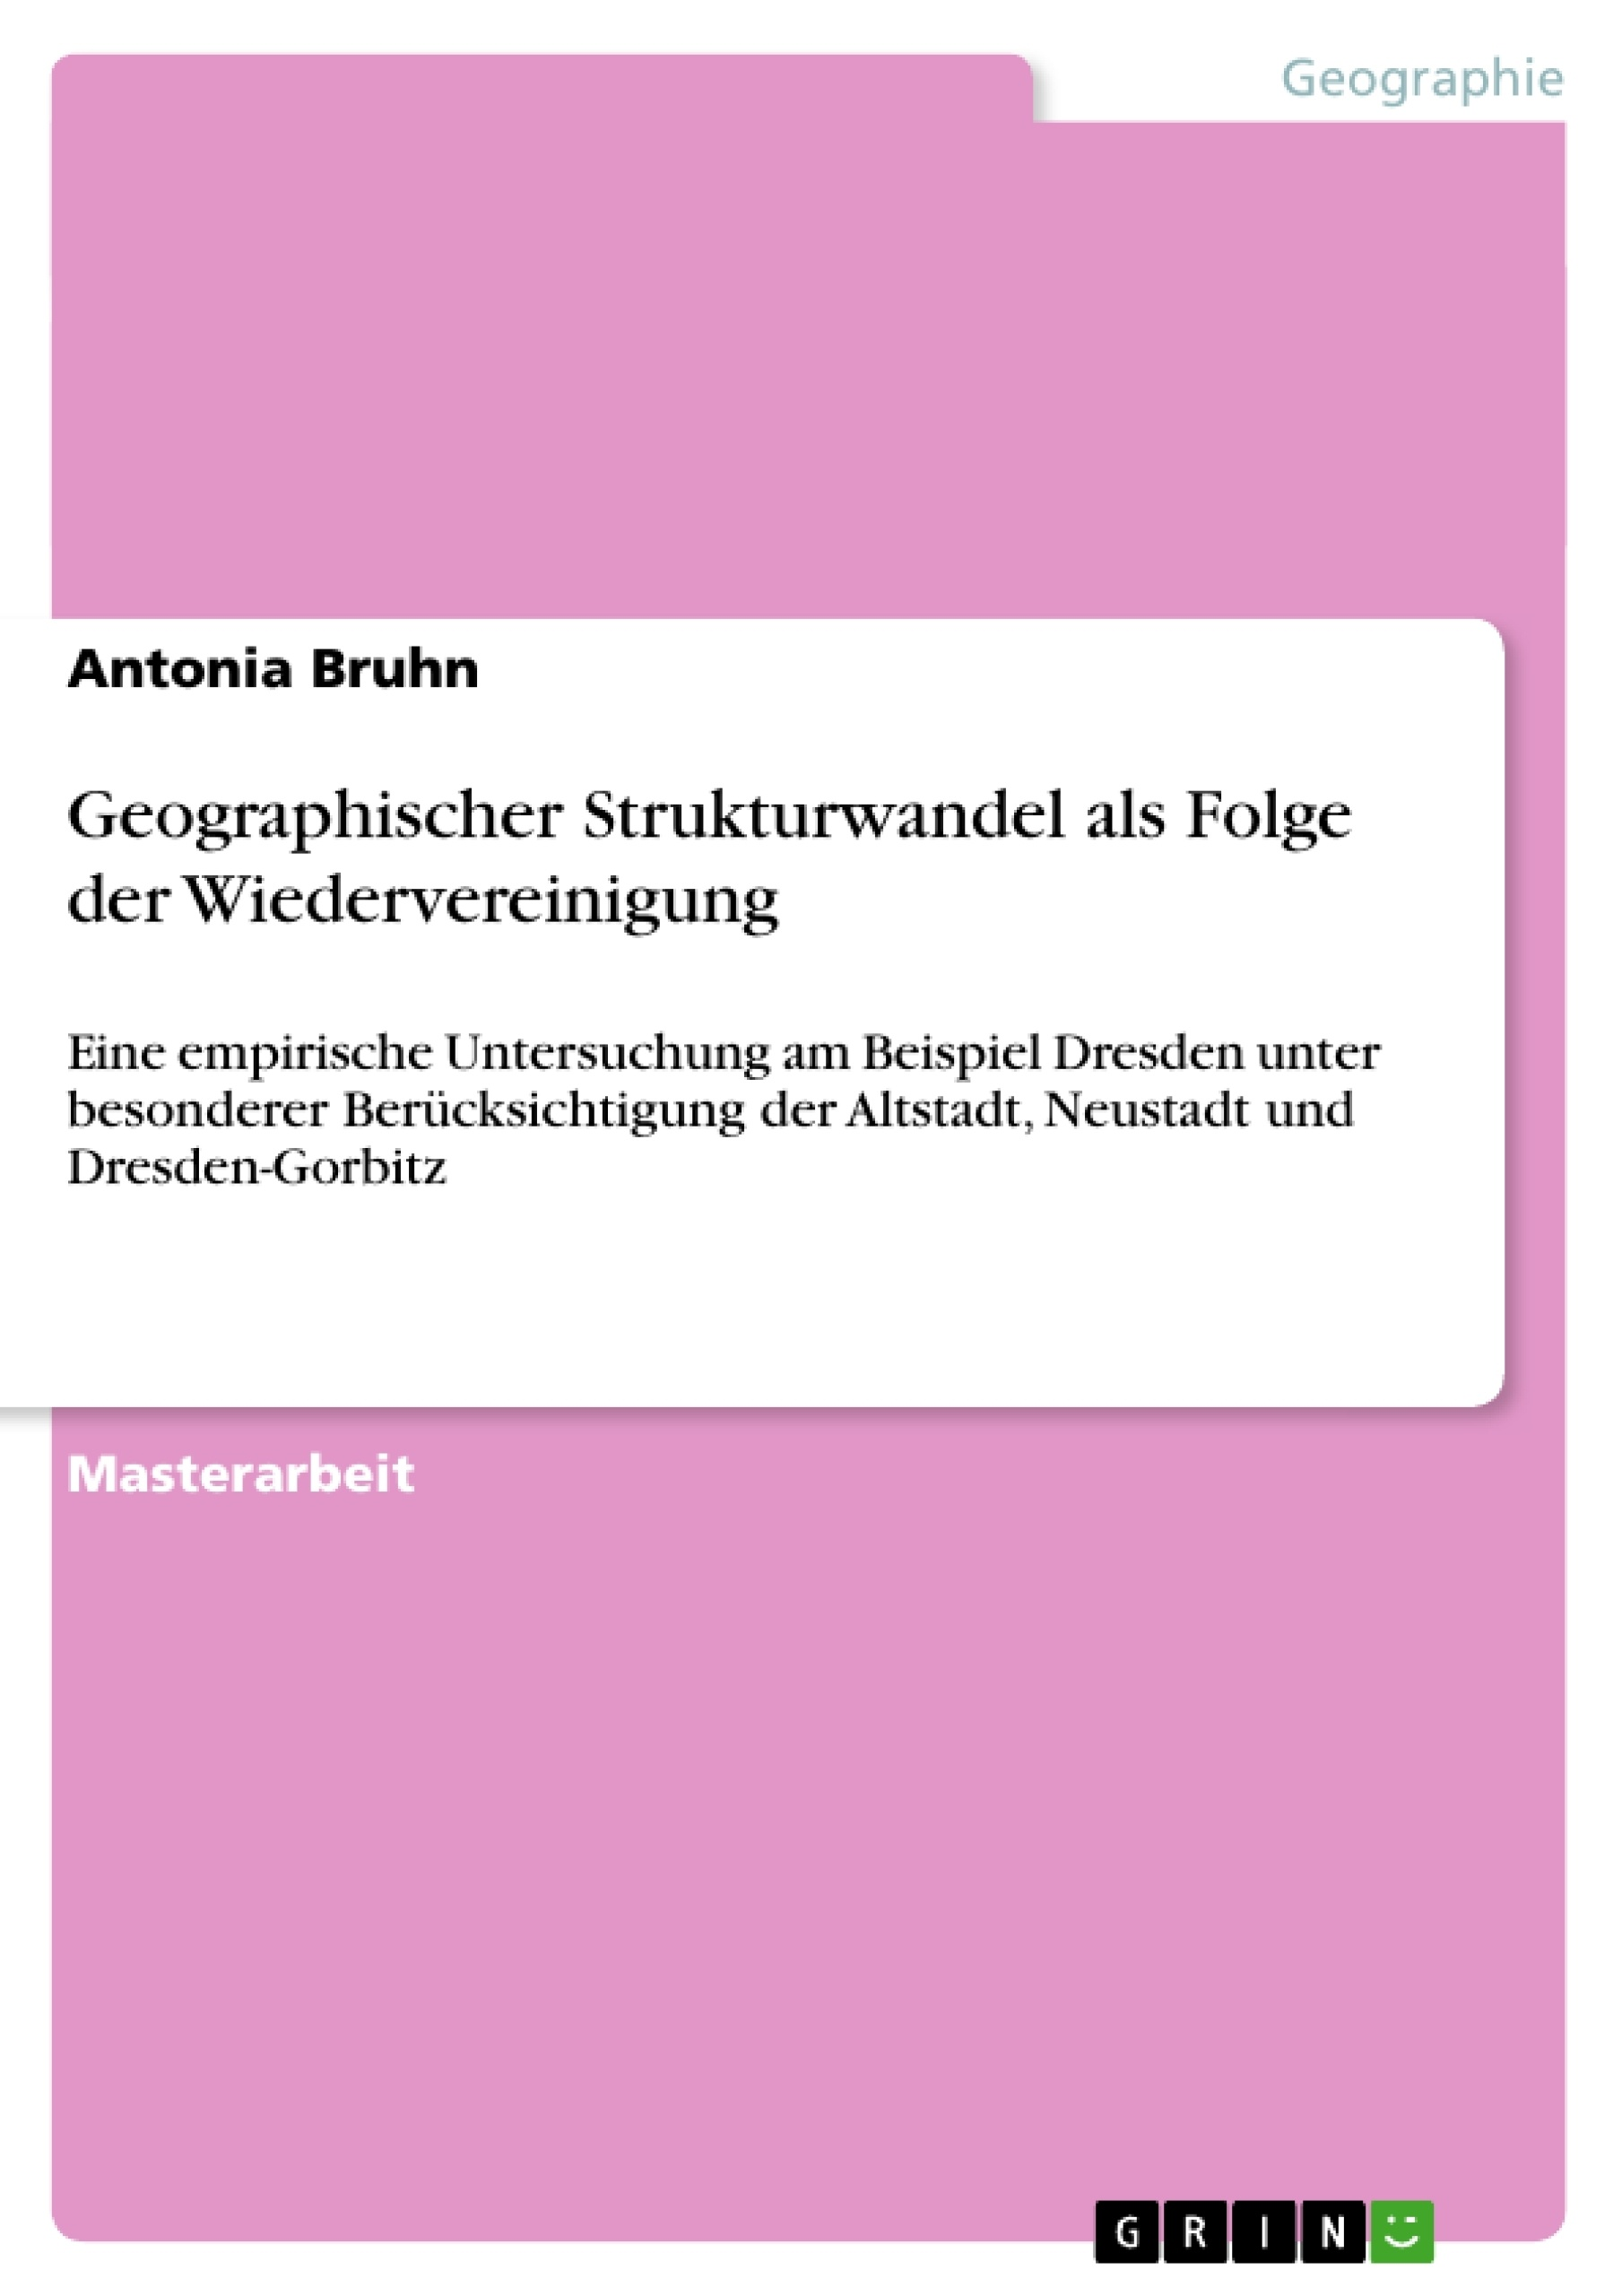 Titel: Geographischer Strukturwandel als Folge der Wiedervereinigung